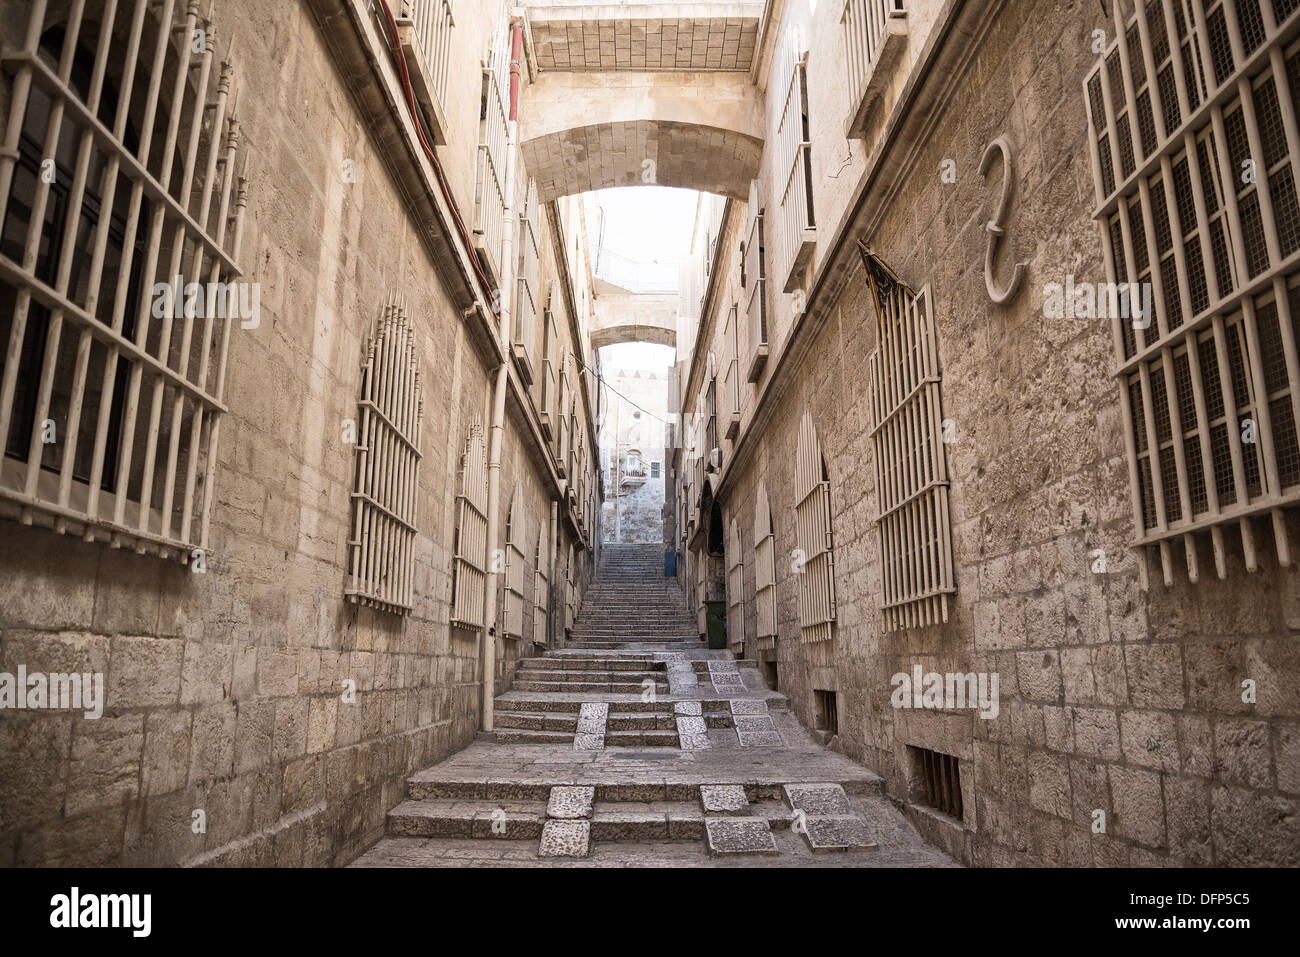 Strada di Gerusalemme città vecchia in Israele Immagini Stock